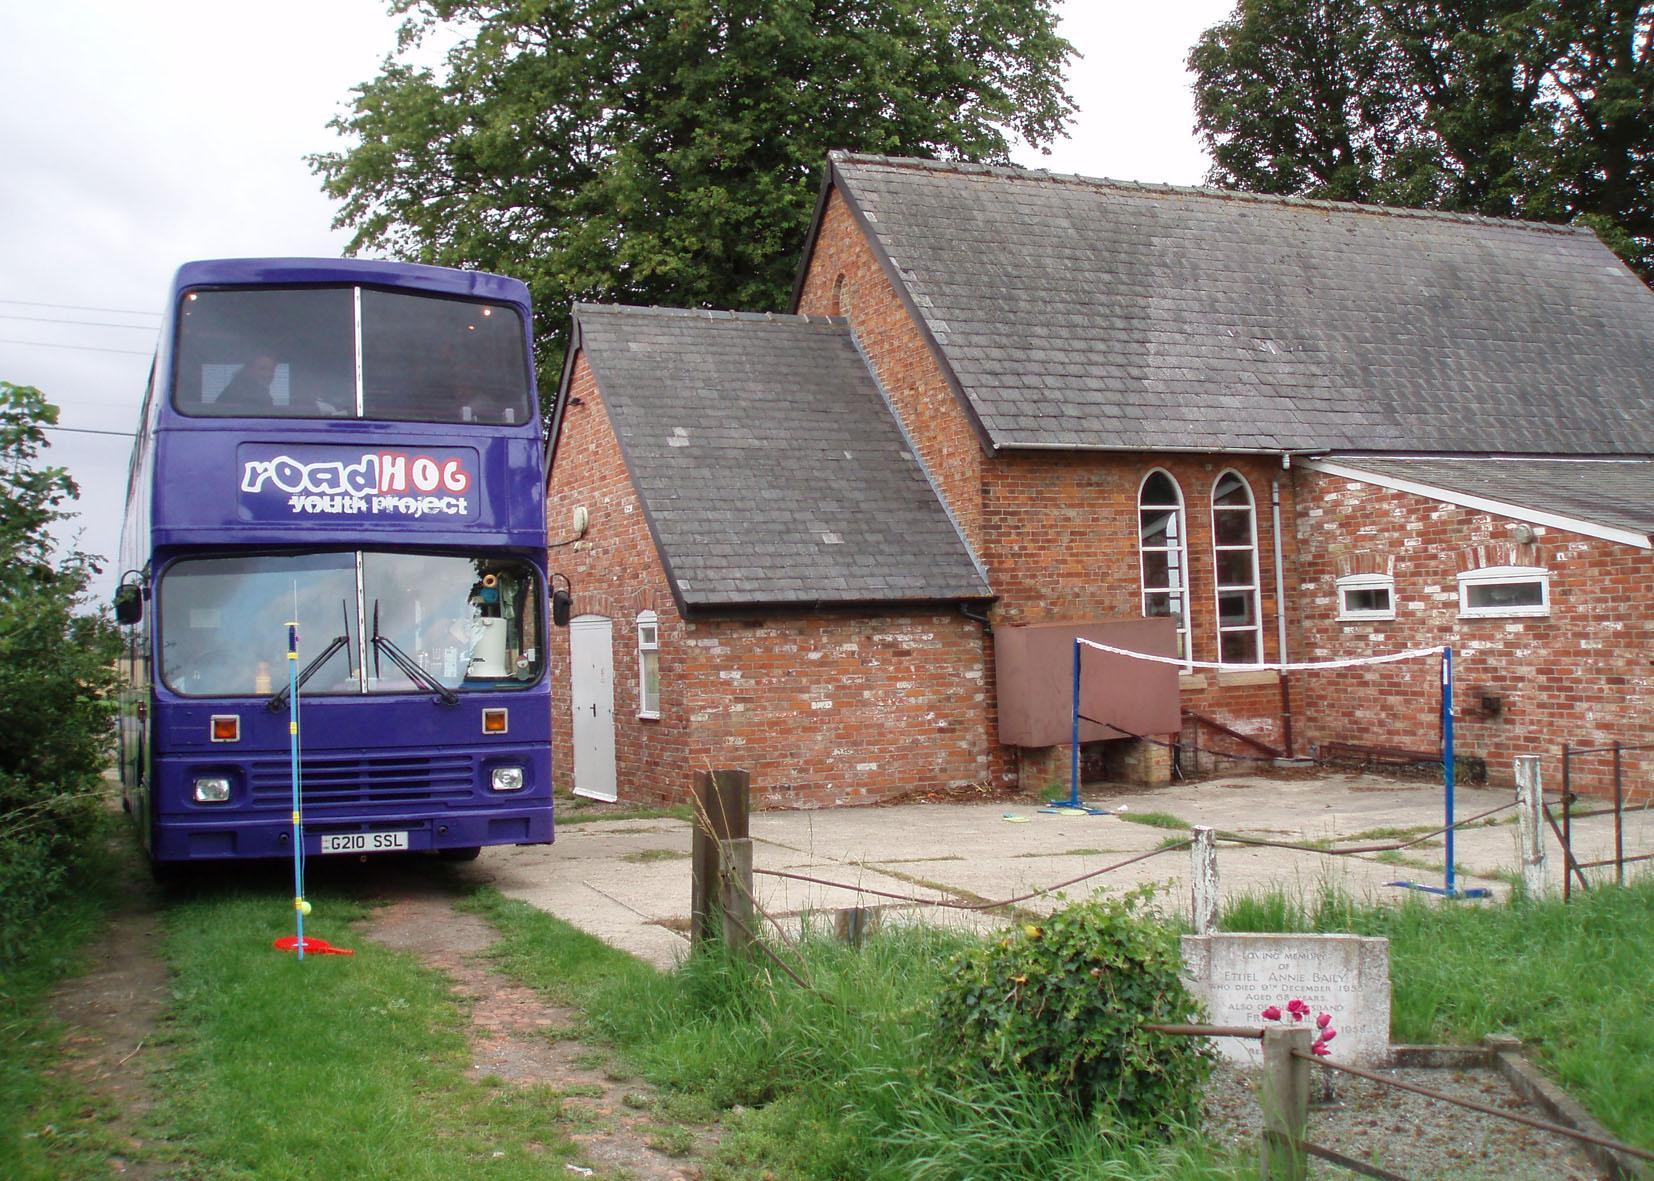 roadHoG at Holland Fen Parish Hall